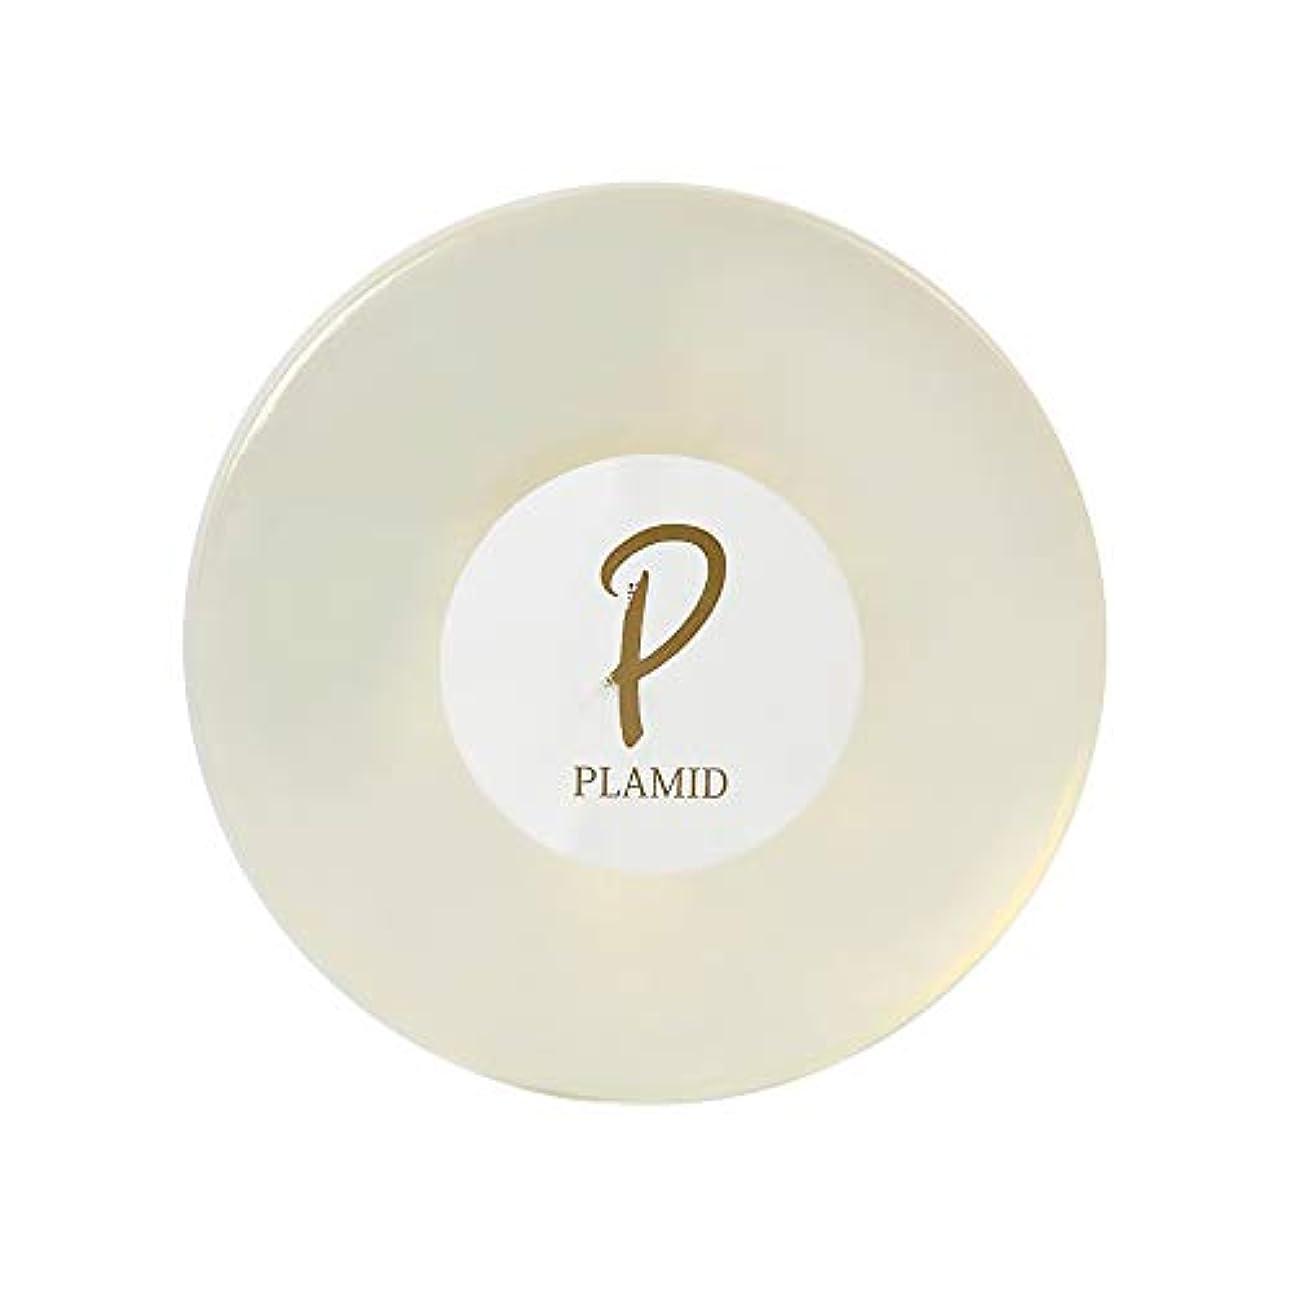 ゆるく抹消解読するPLAMID プラミドクリスタルソープ(90g)馬プラセンタ配合 透明洗顔石鹸 ROTTS ロッツ